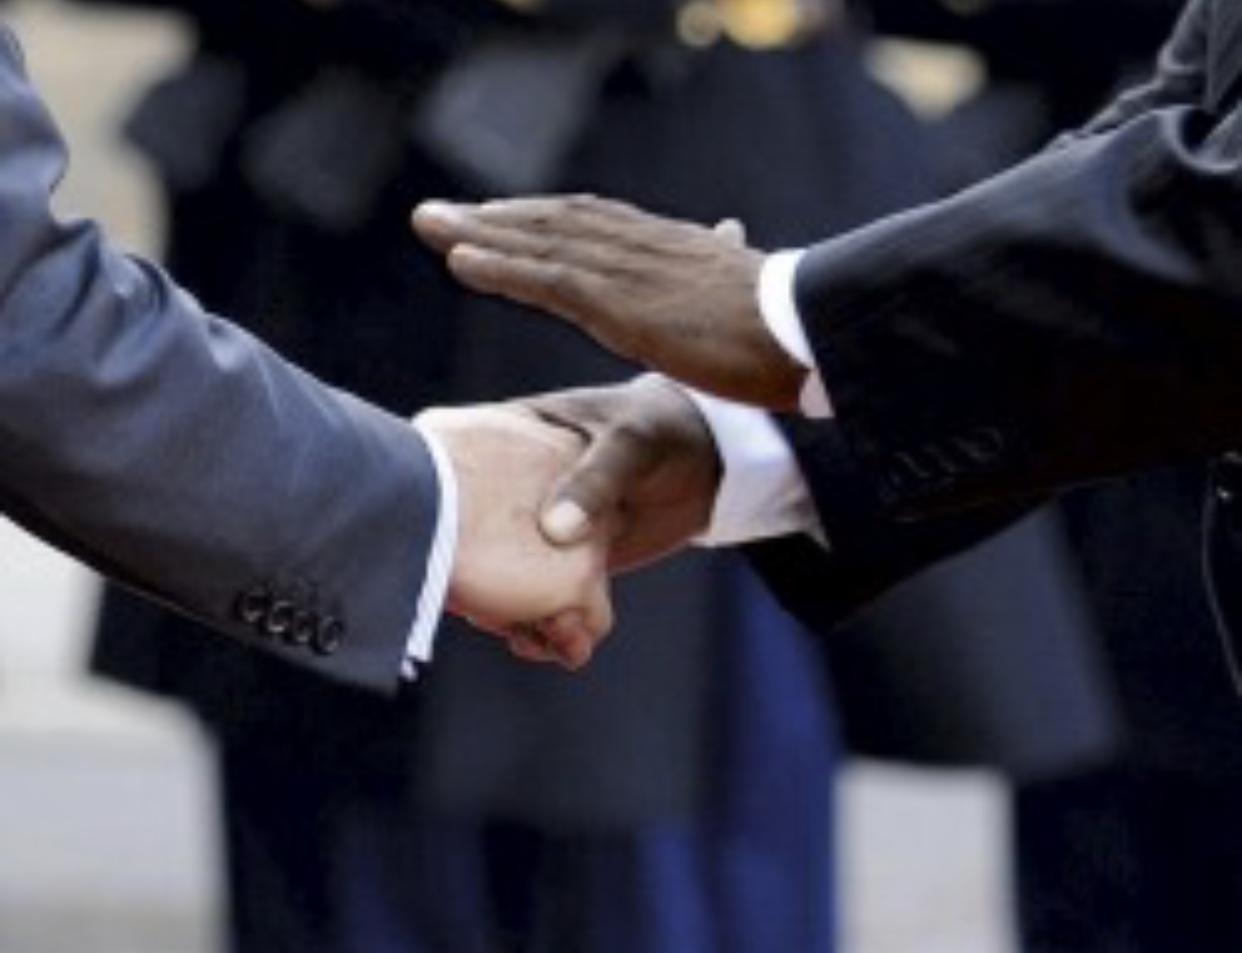 Françafrique : quand les accords de défense contiennent des clauses secrètes et illégales.